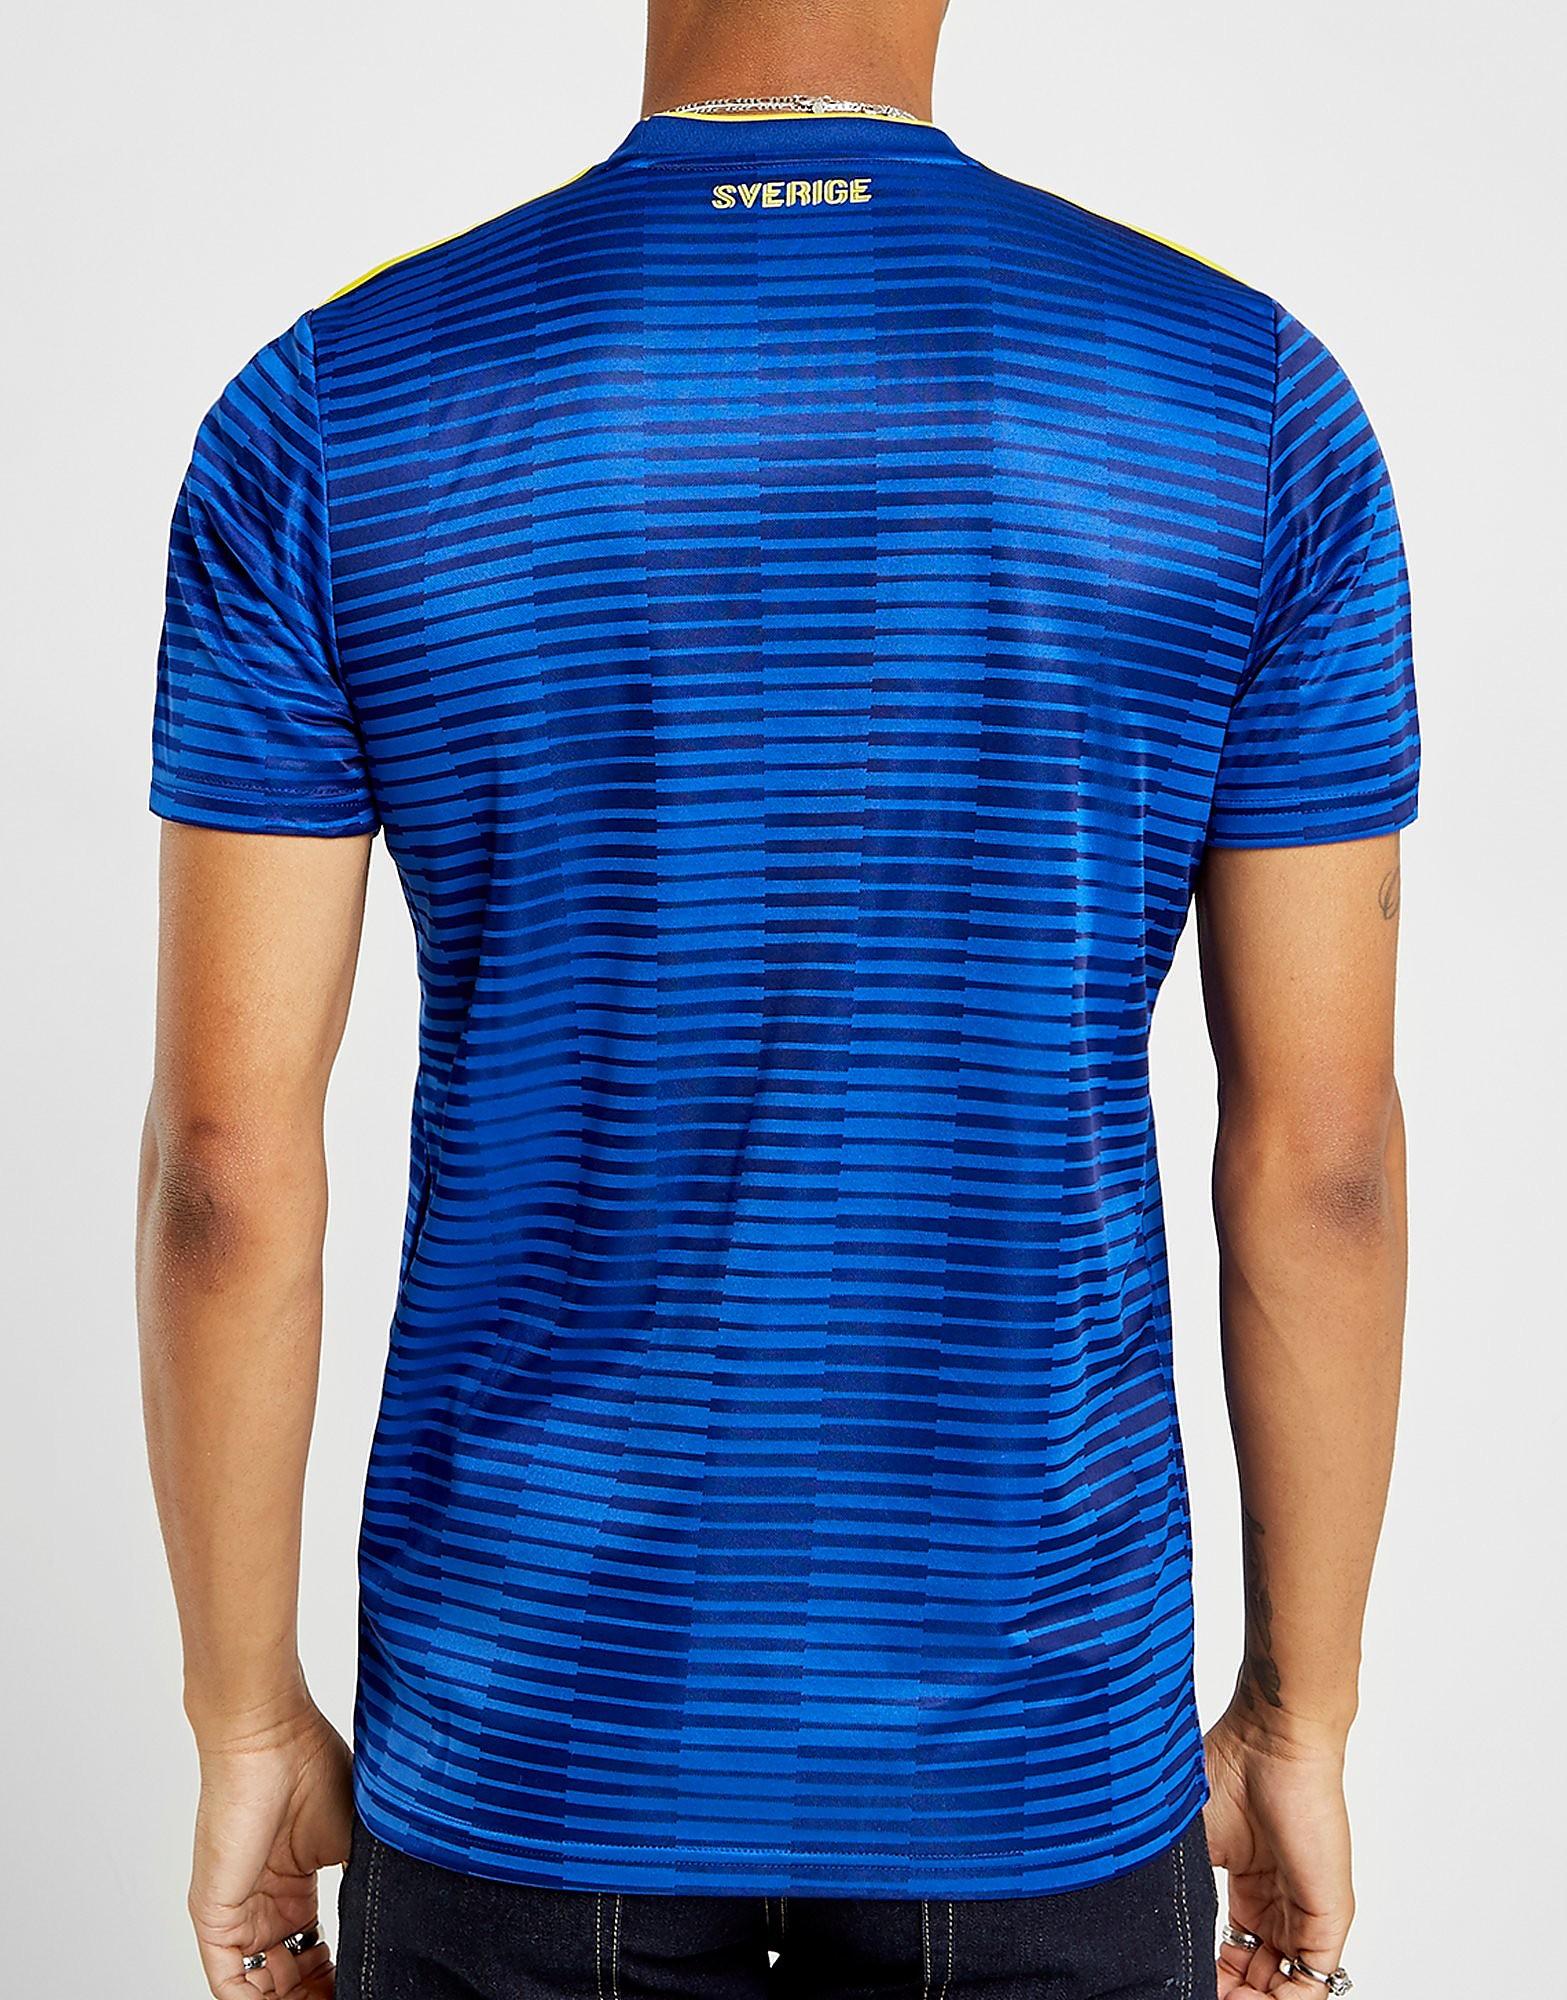 adidas Sweden 2018 Away Shirt Heren